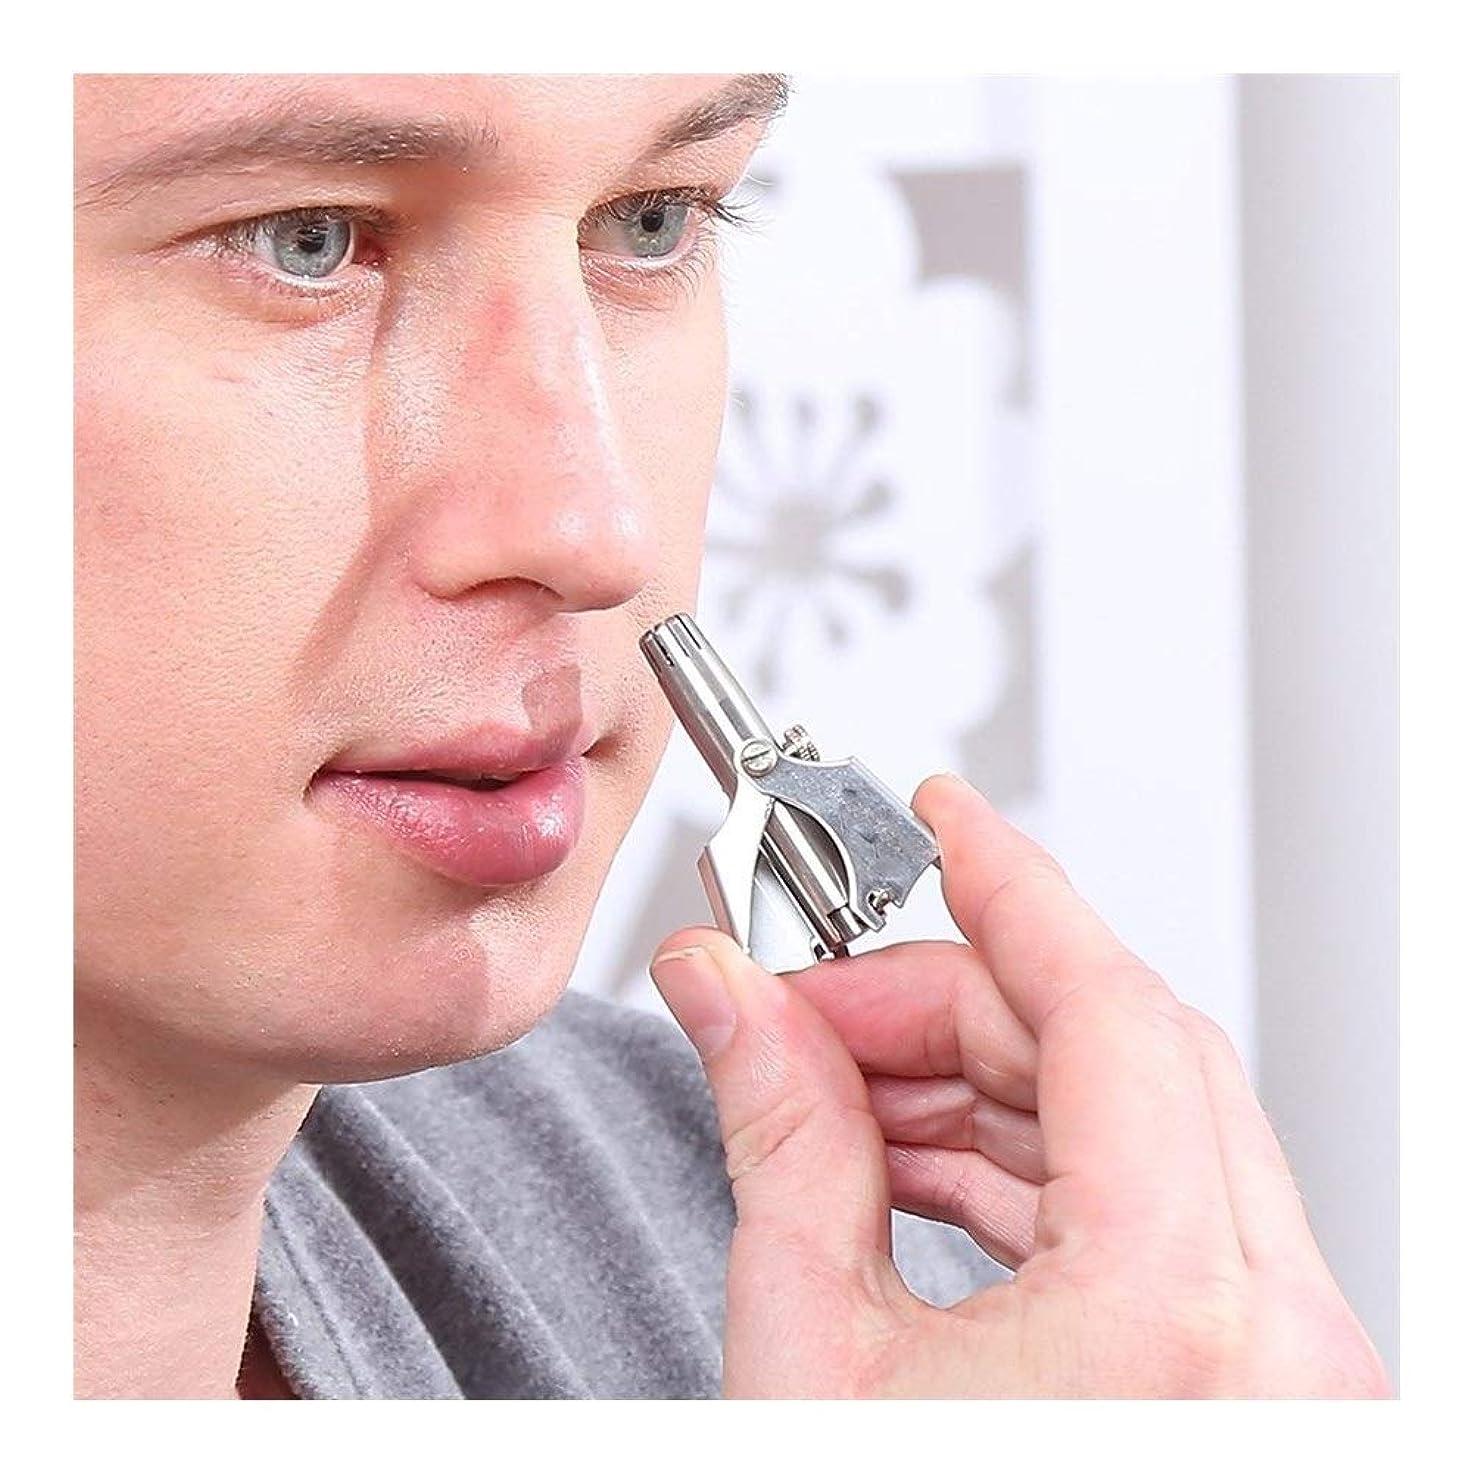 消費するより乙女手動鼻耳毛トリマーステンレス鋼鼻毛リムーバー作品バッテリーなし男性女性